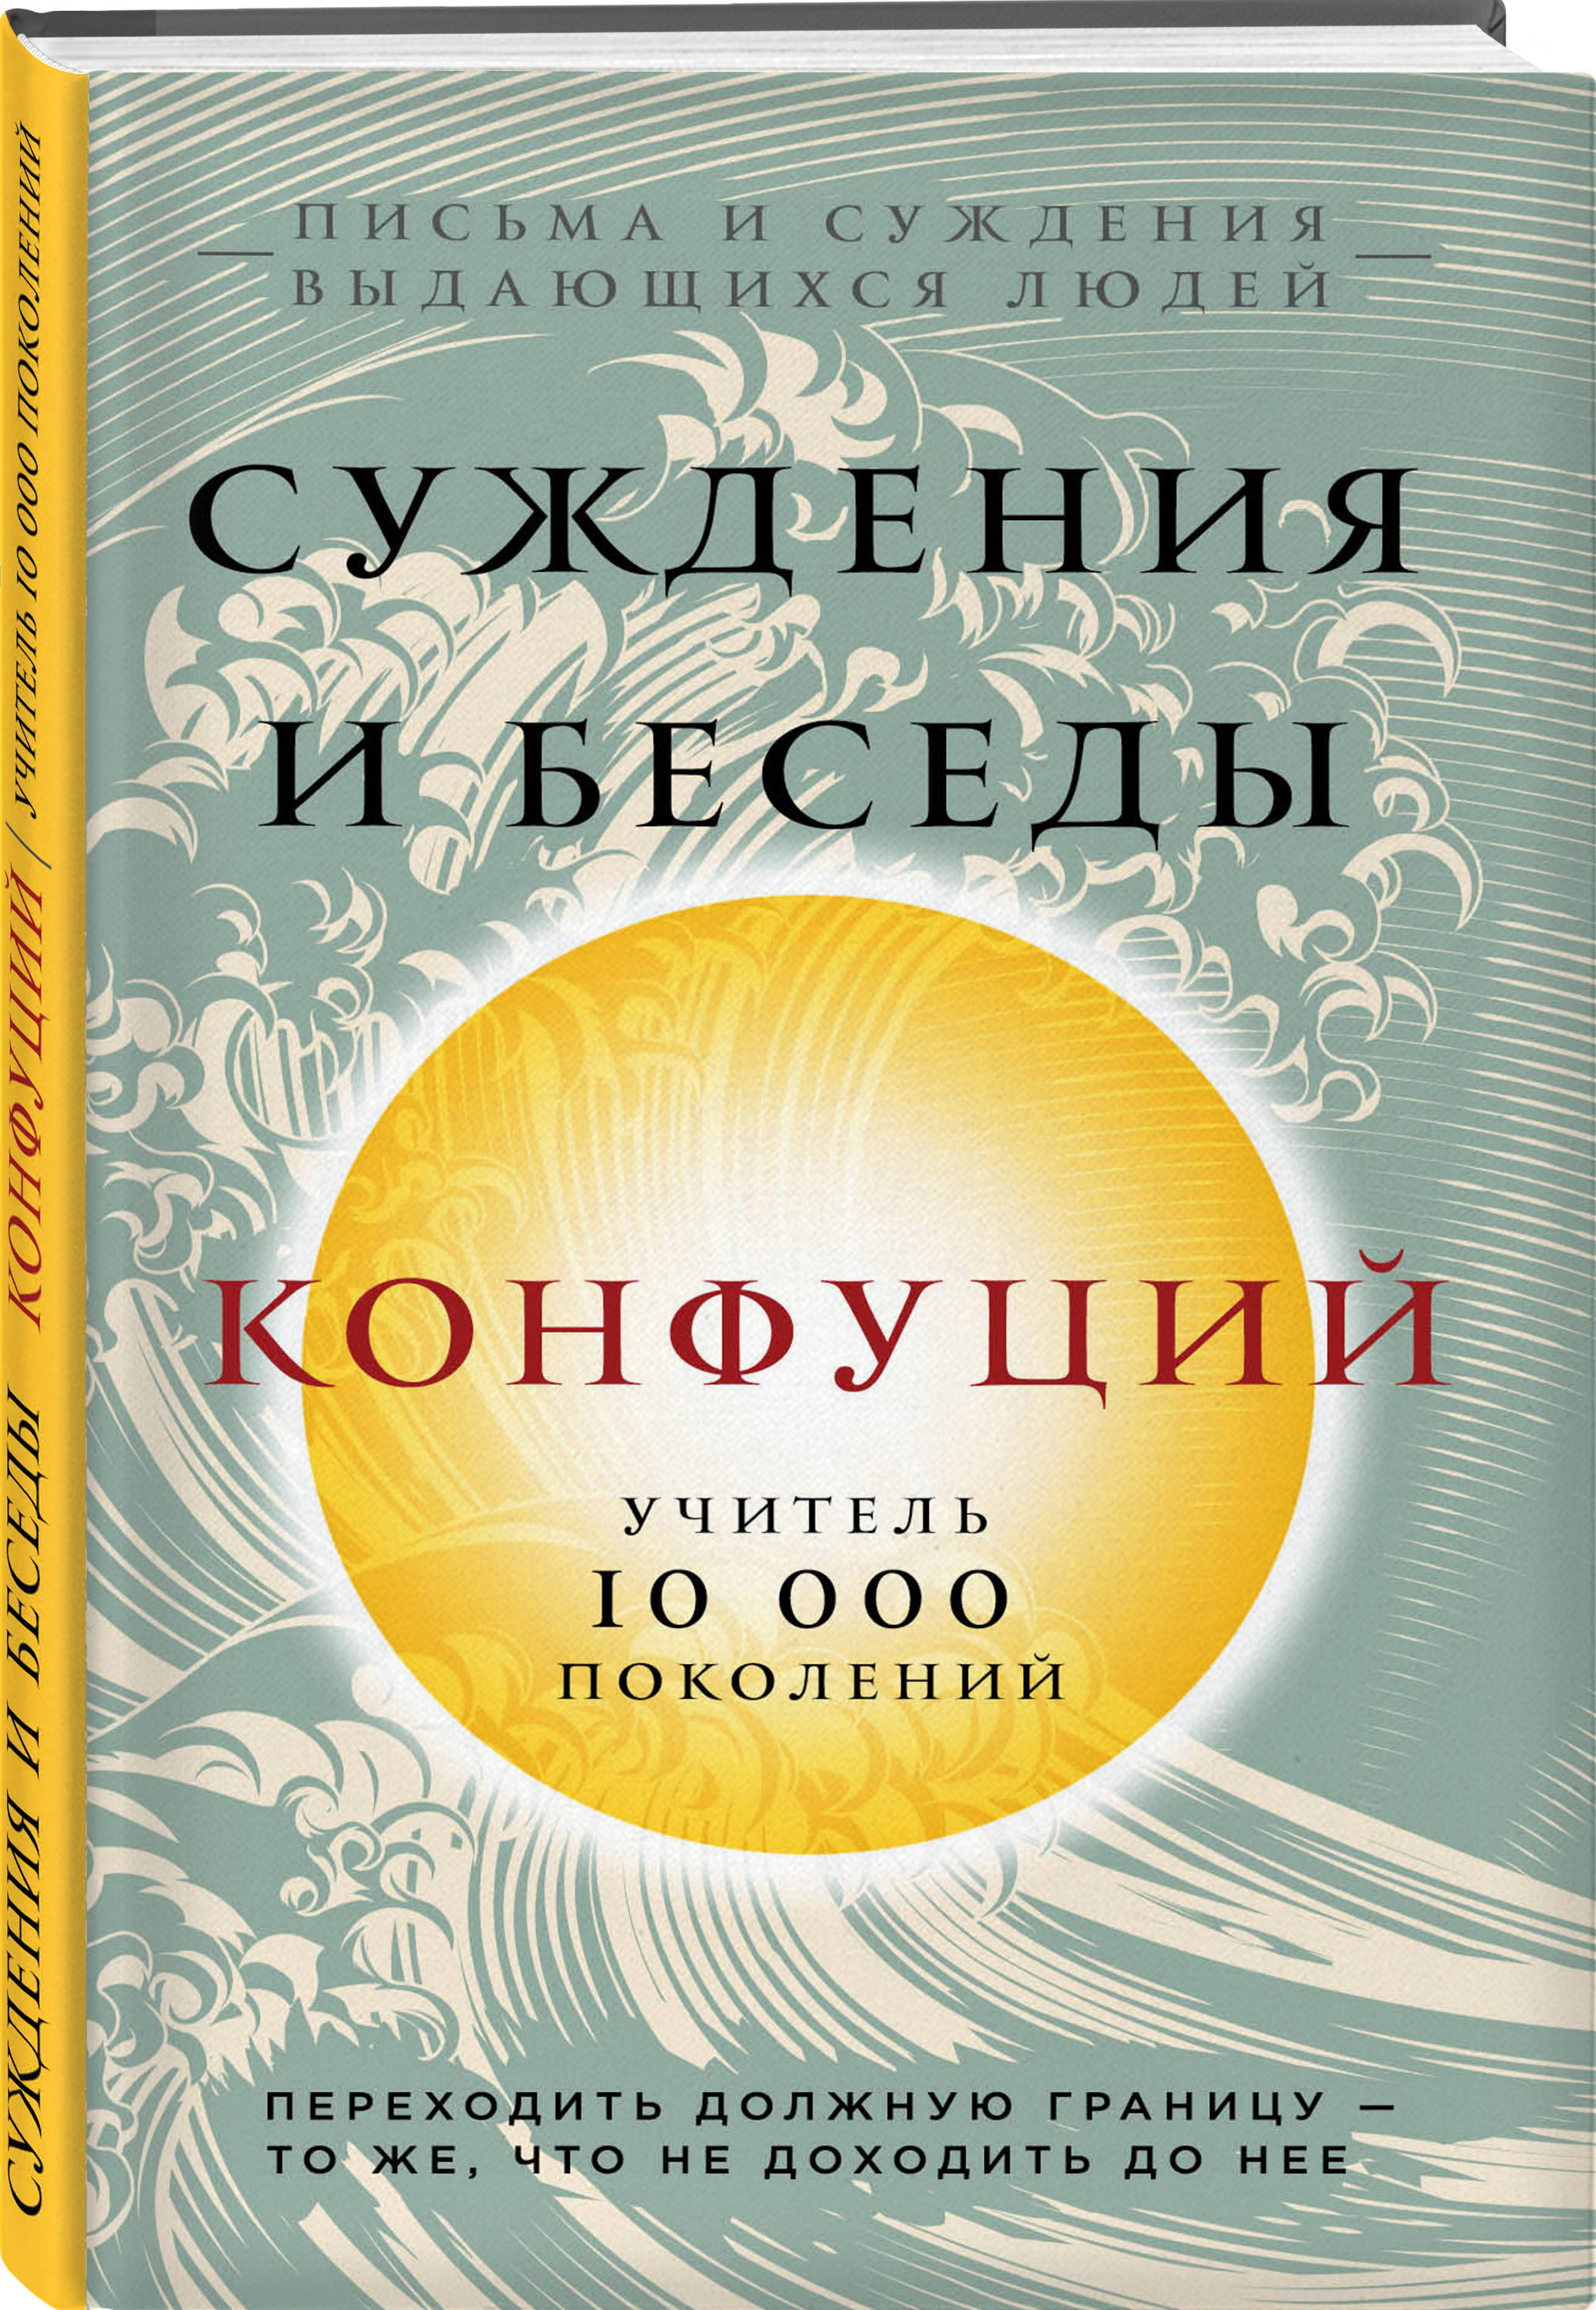 Конфуций Конфуций. Суждения и беседы книги издательство аст конфуций беседы и суждения